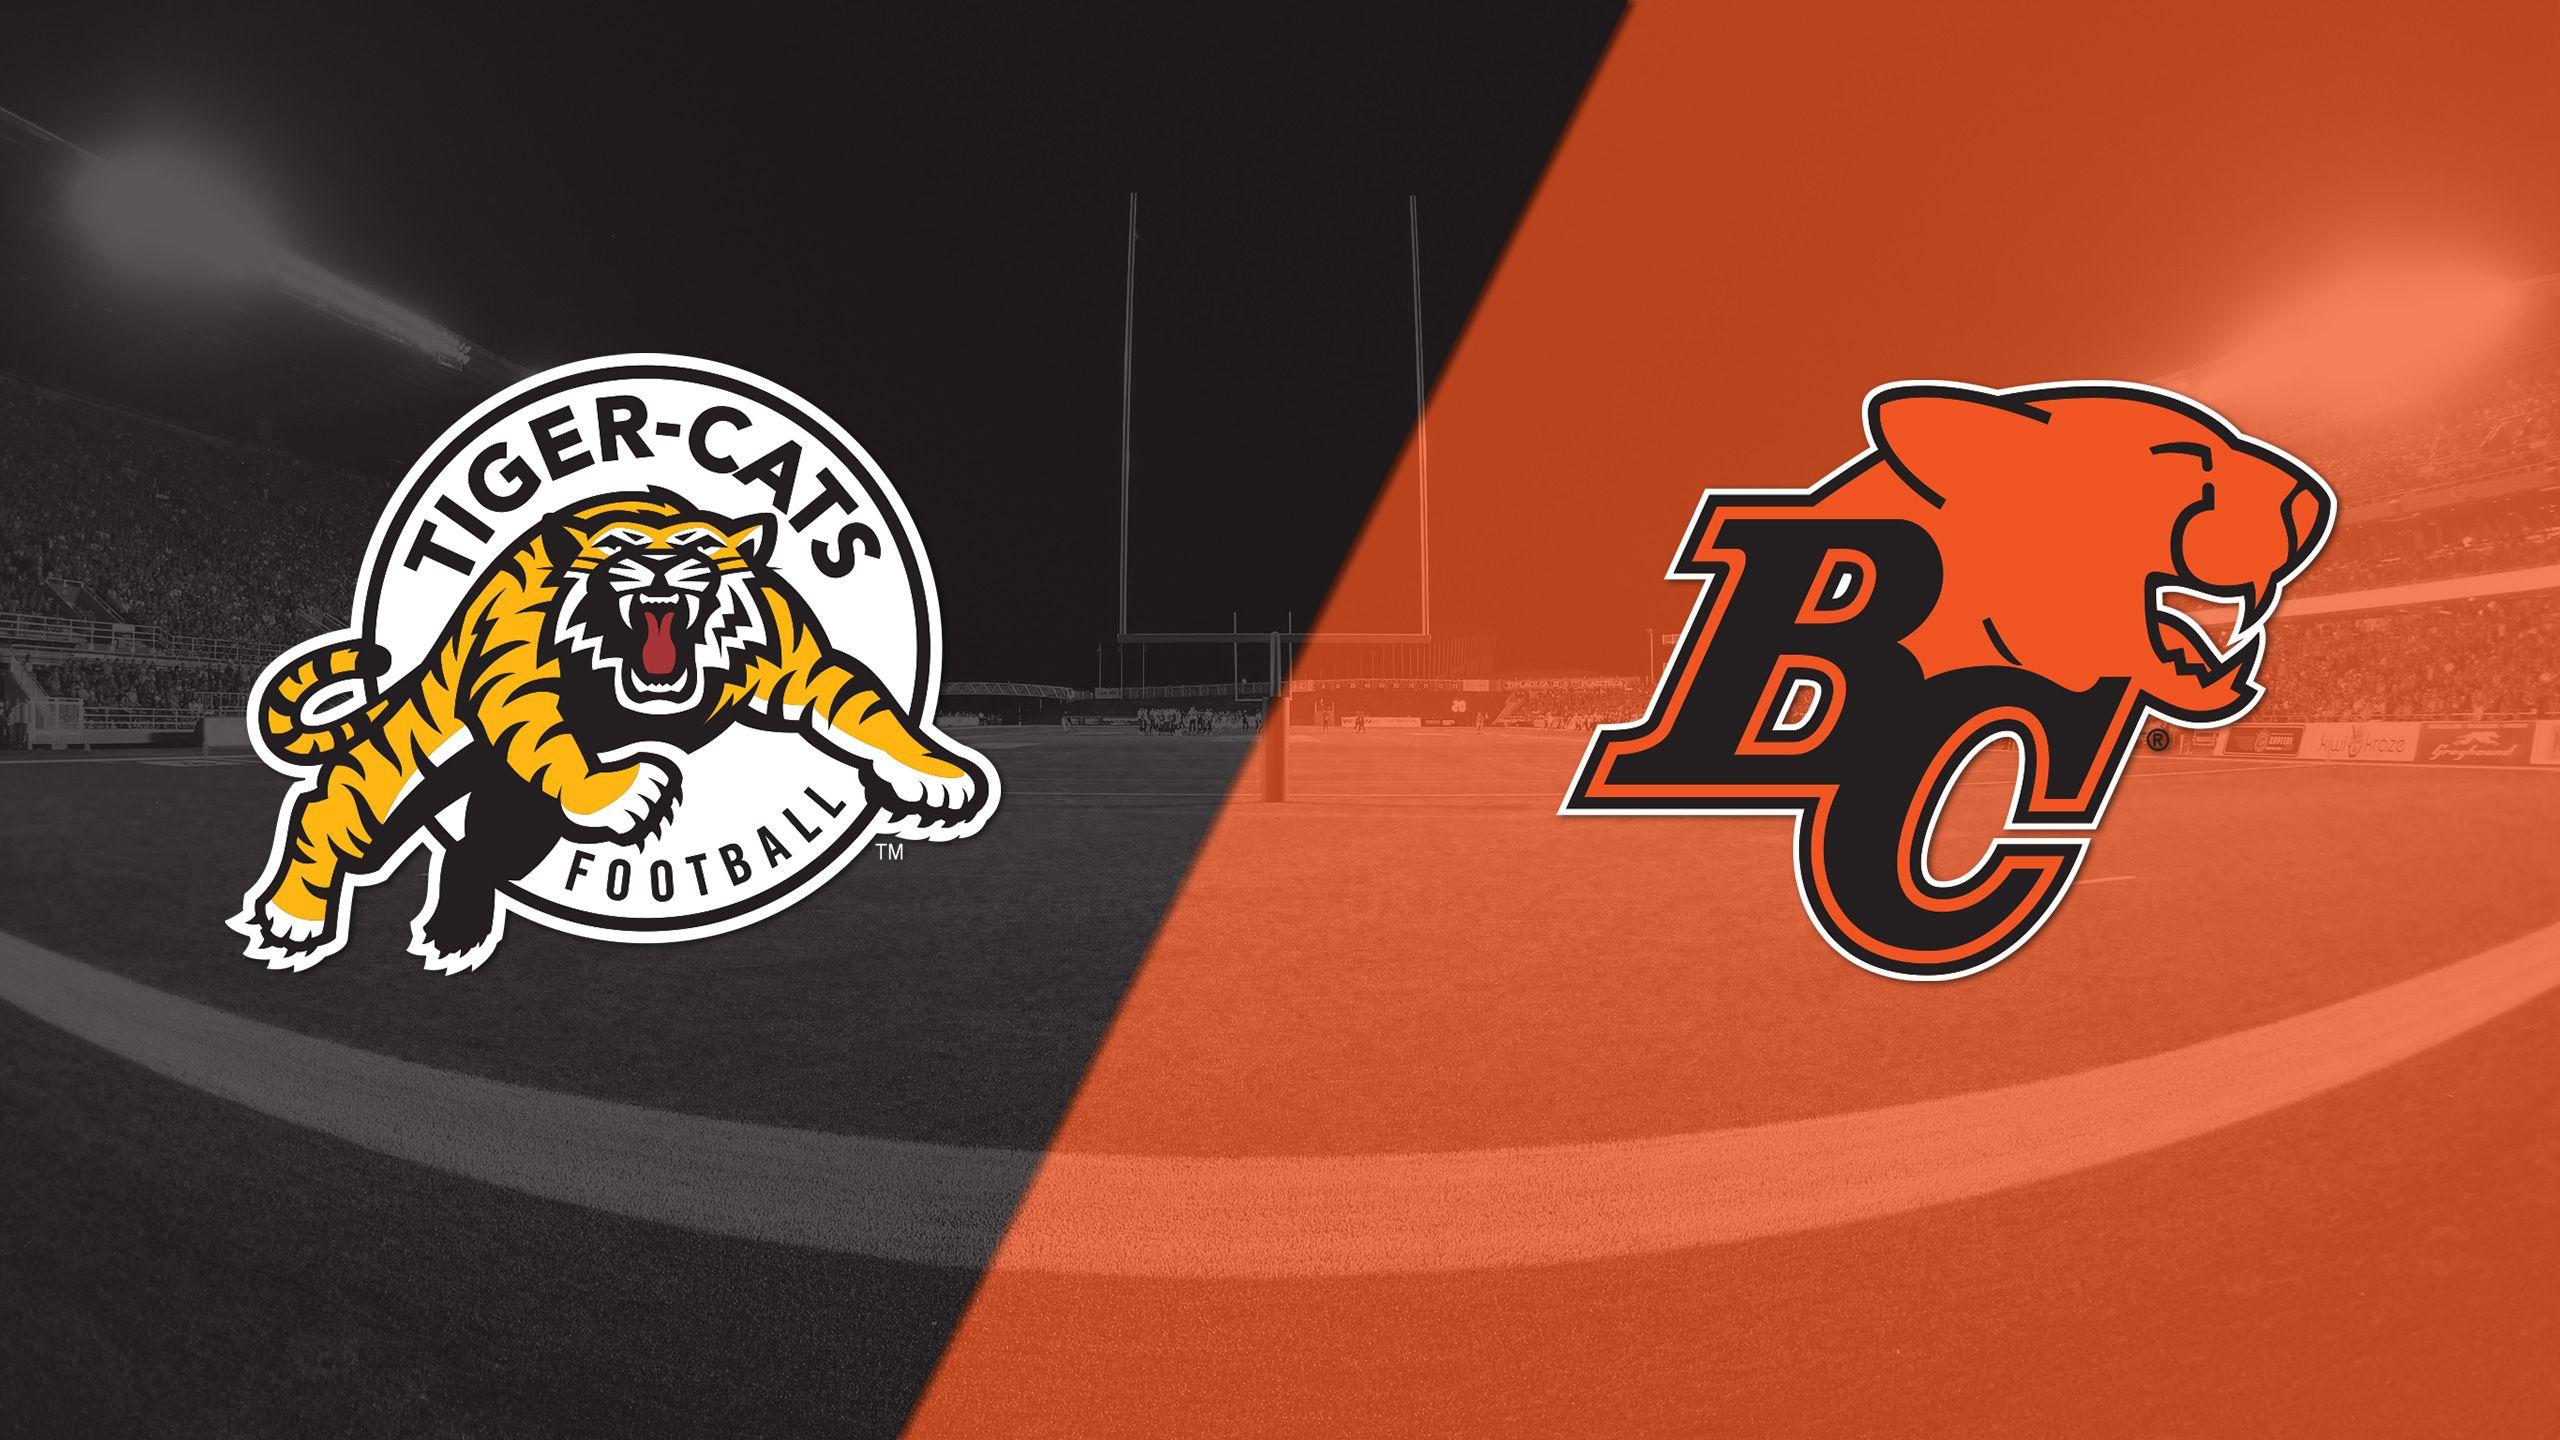 Hamilton Tiger-Cats vs. BC Lions